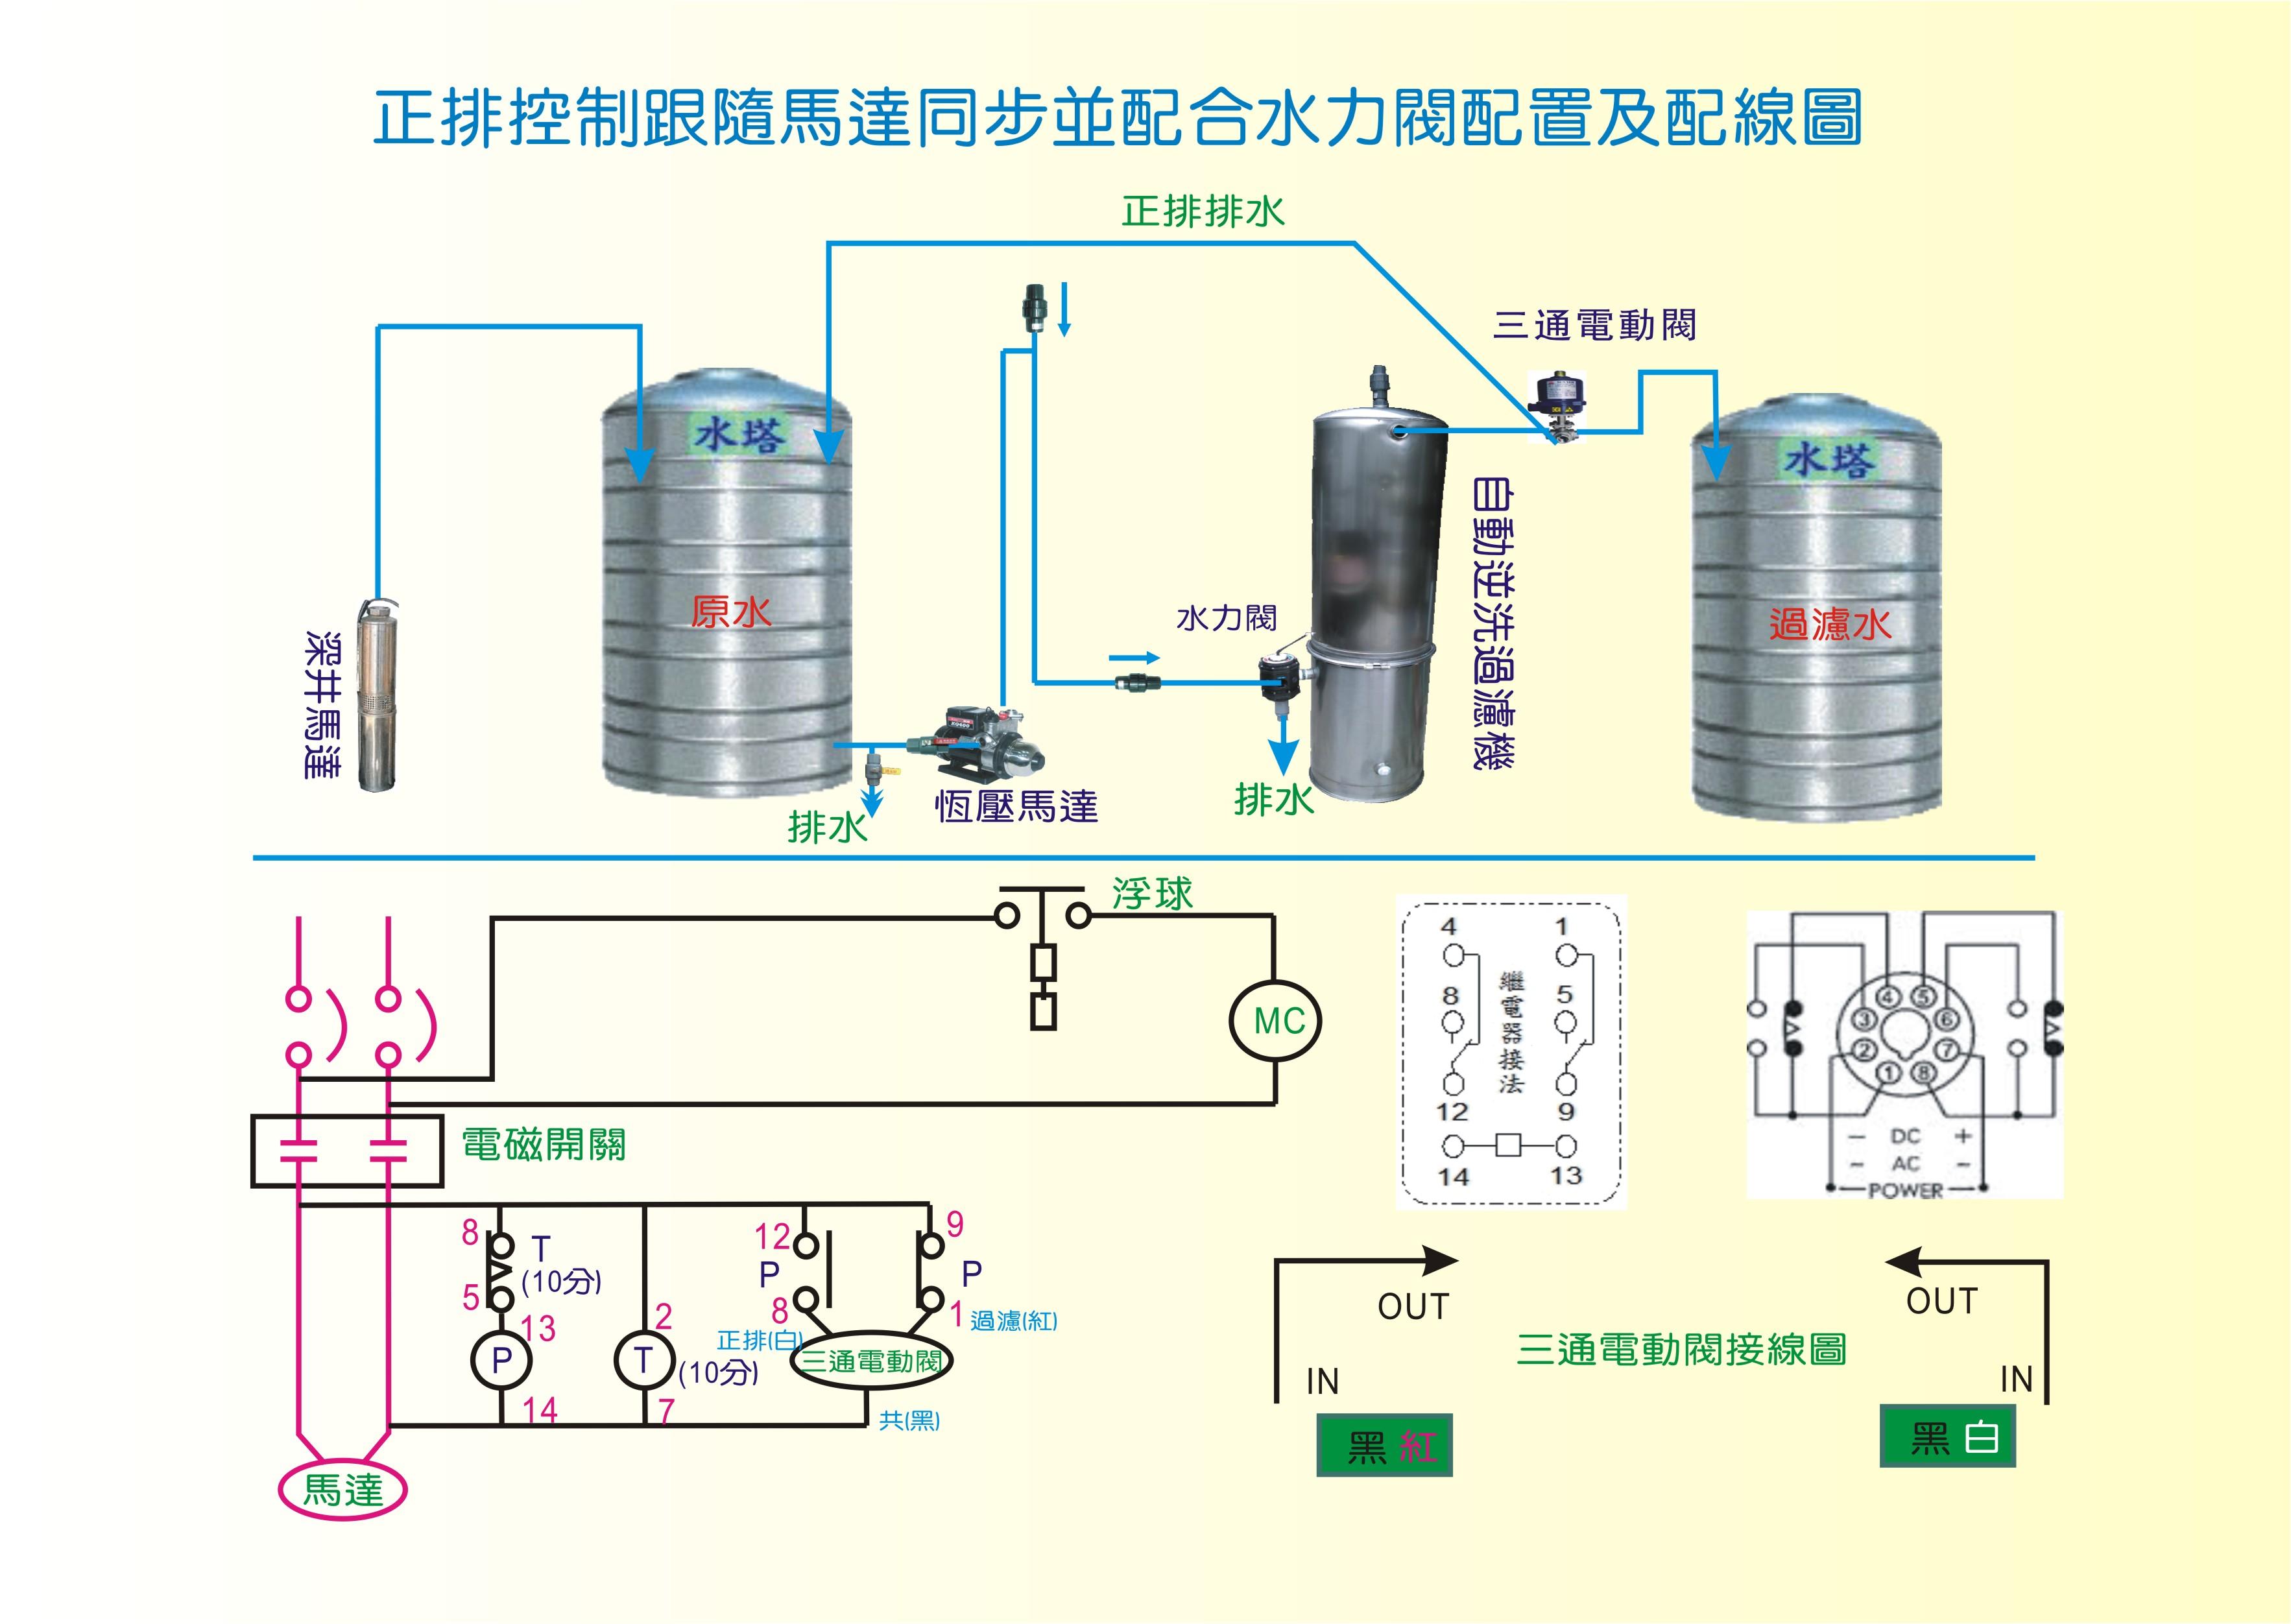 正排控制跟隨馬達同步並配合水力閥配置及配線圖